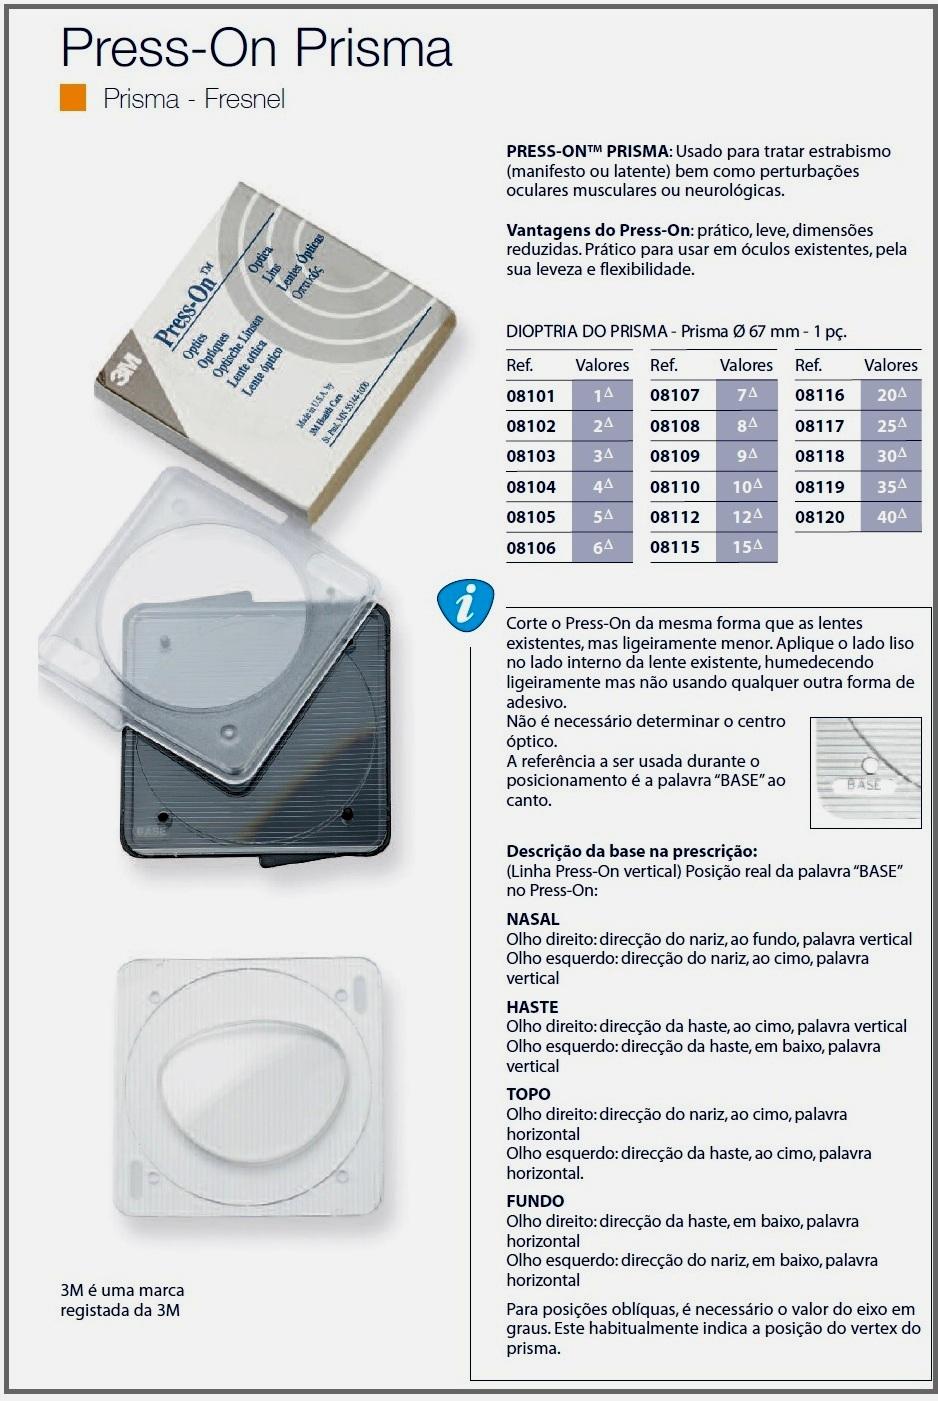 0208117 - CorreçãoVisual 02 Press-On Prisma 25 Mod 8117 FLAG O FLAG E  -Contém 1 Peça